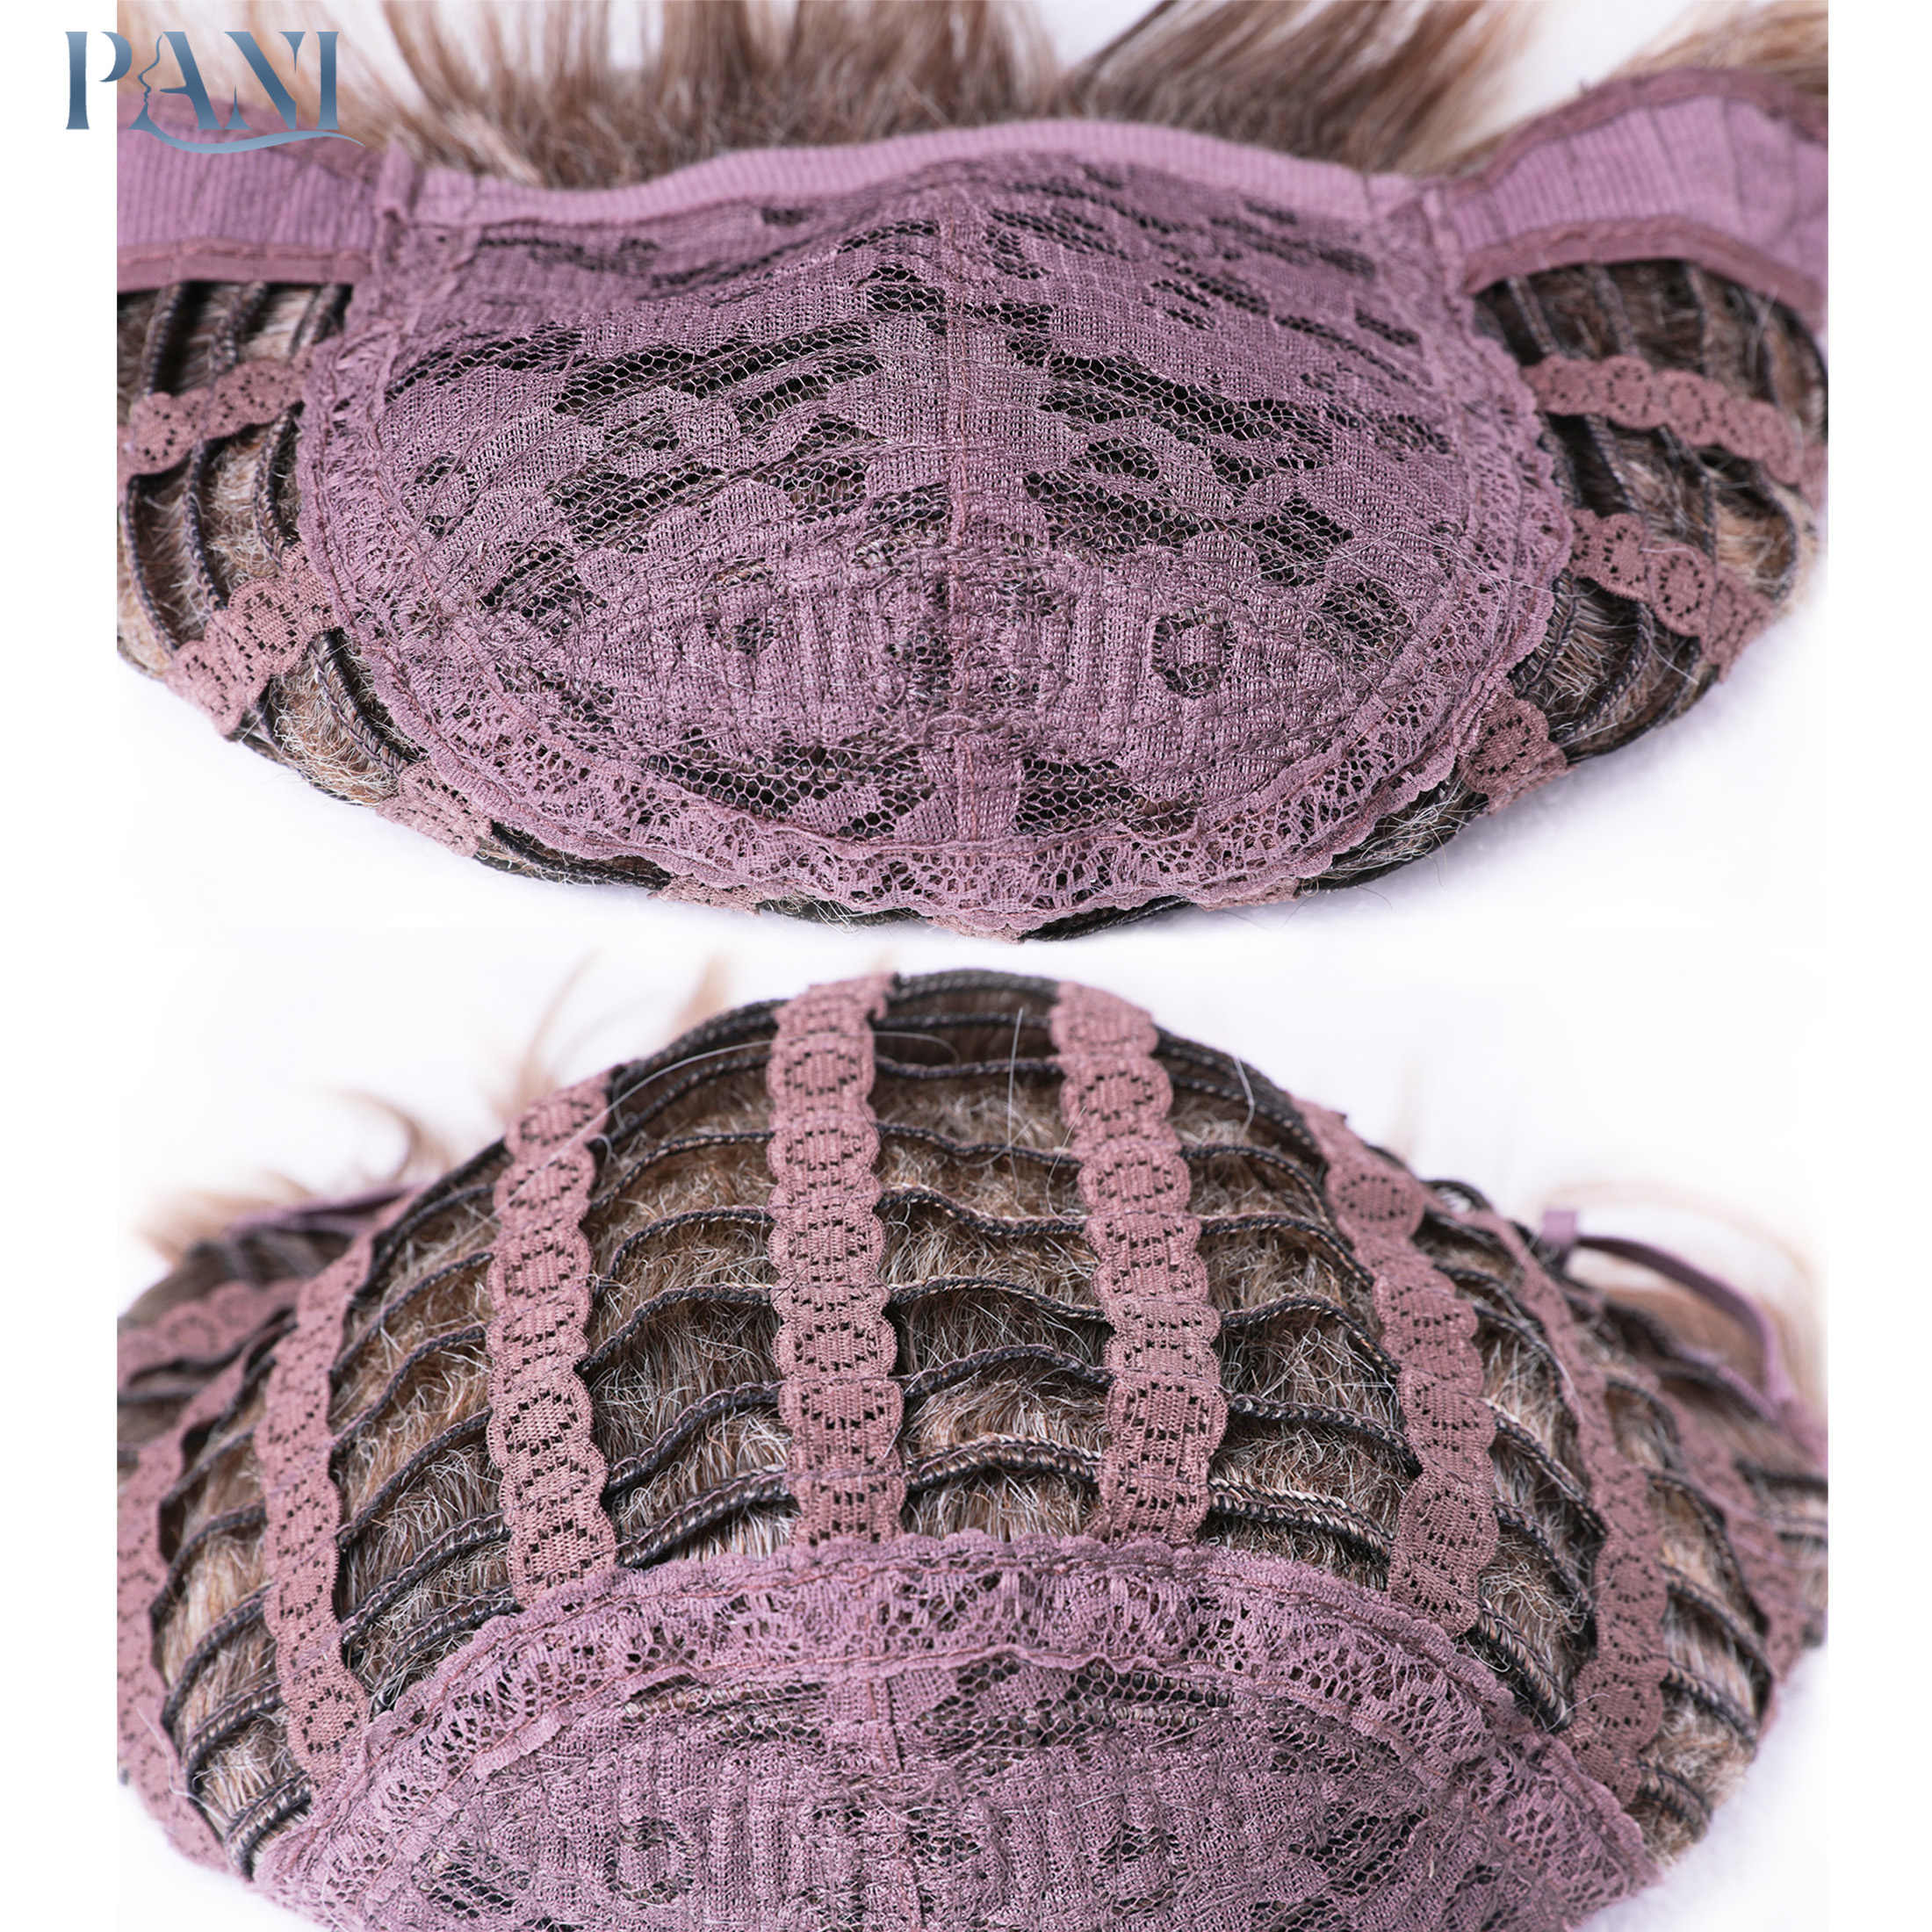 PANI короткие Синтетические Полные парики для женщин, блонд, парик, Омбре, коричневый парик, Wth блонд, подчеркивает естественные волосы с челкой, дешевые парики